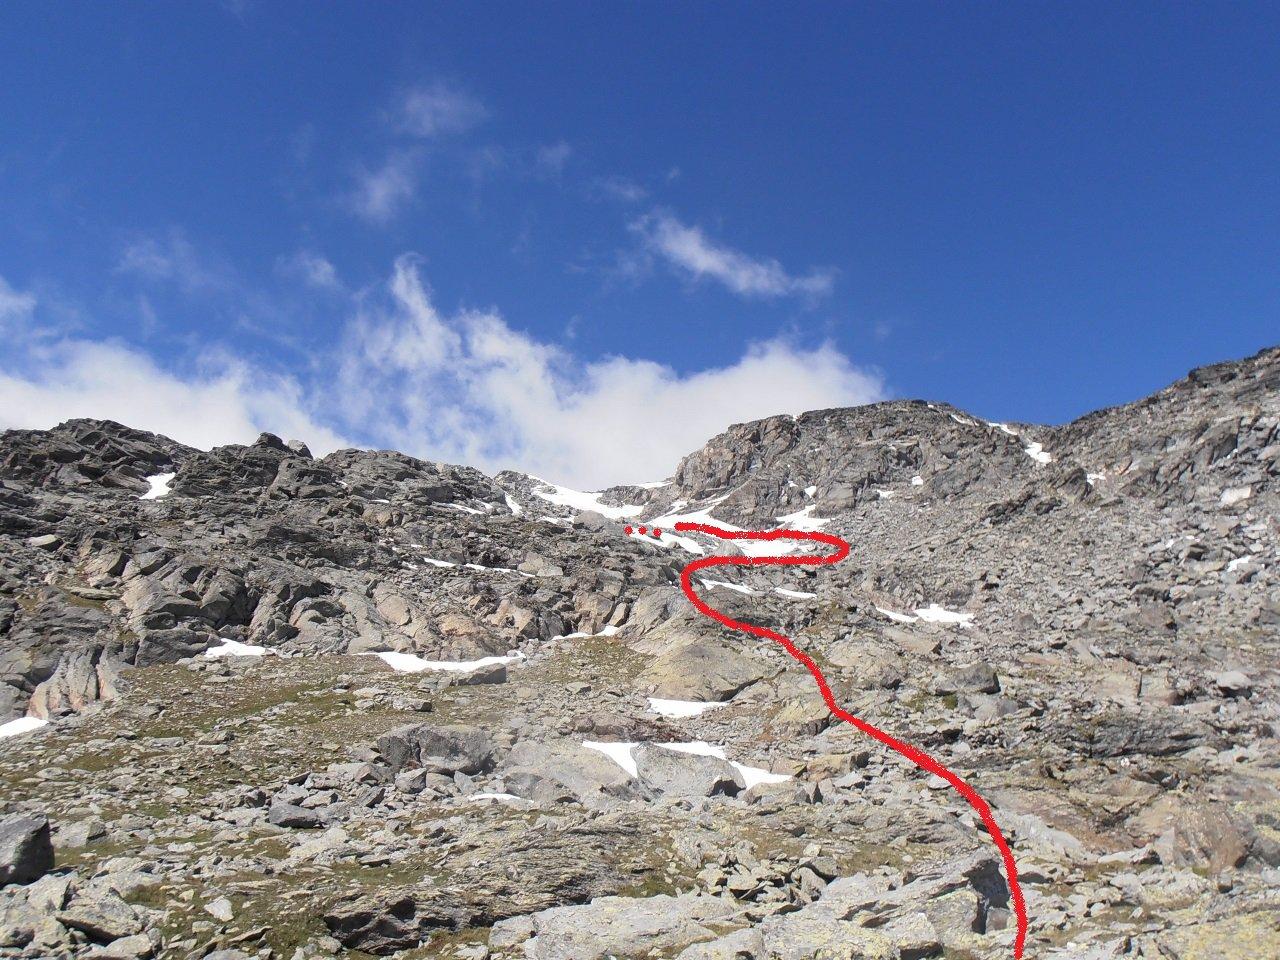 05 - zona di grossi blocchi e rocce montonate dopo il primo nevaio